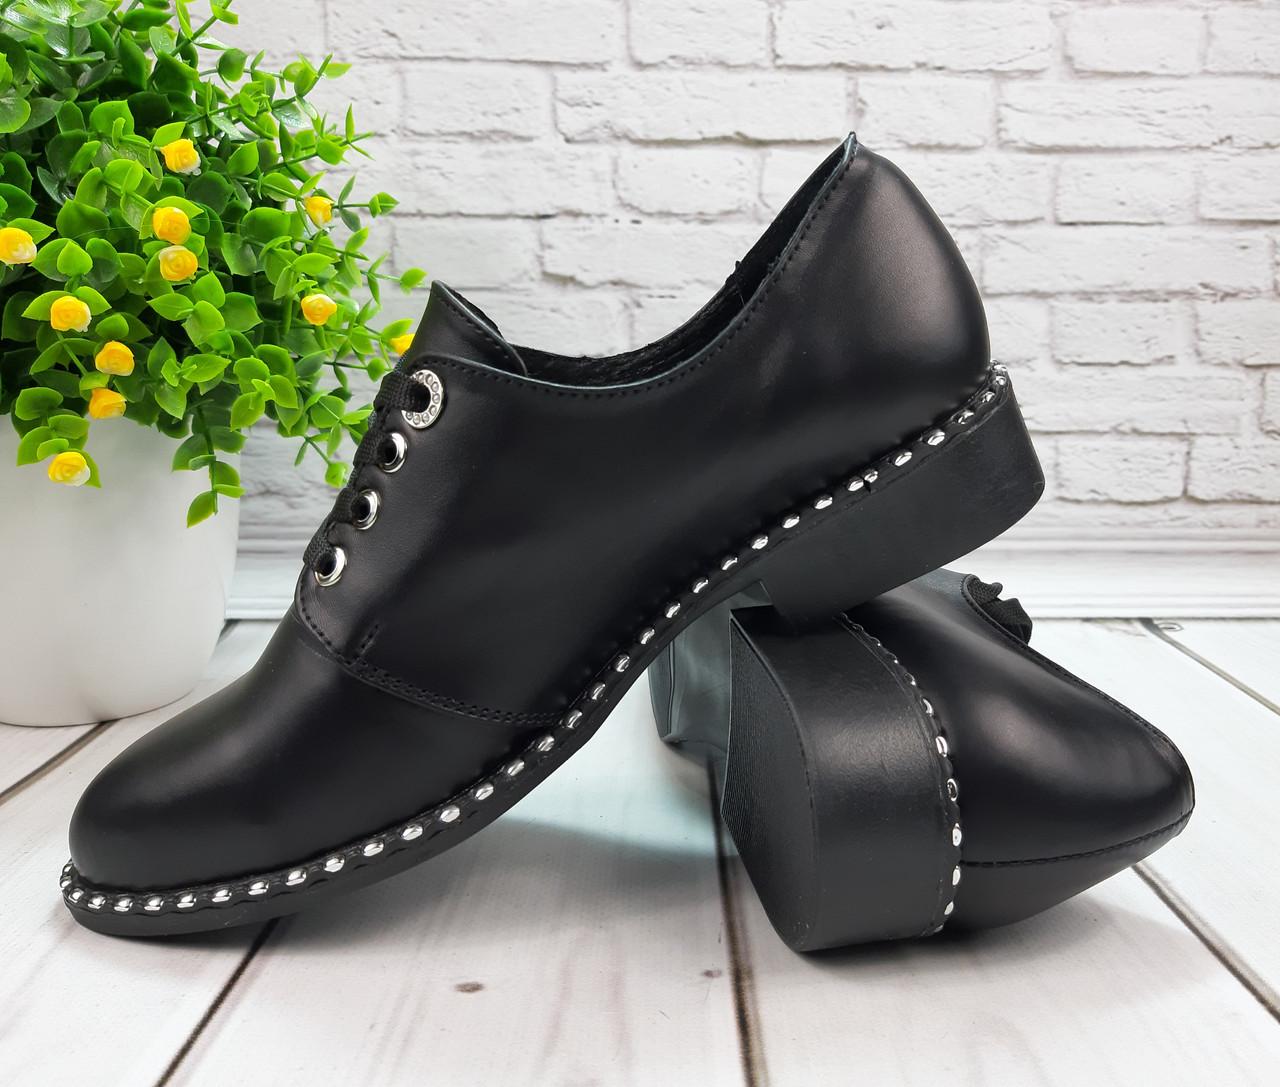 Женские туфли без каблука на шнуровке из натуральной черной кожи.